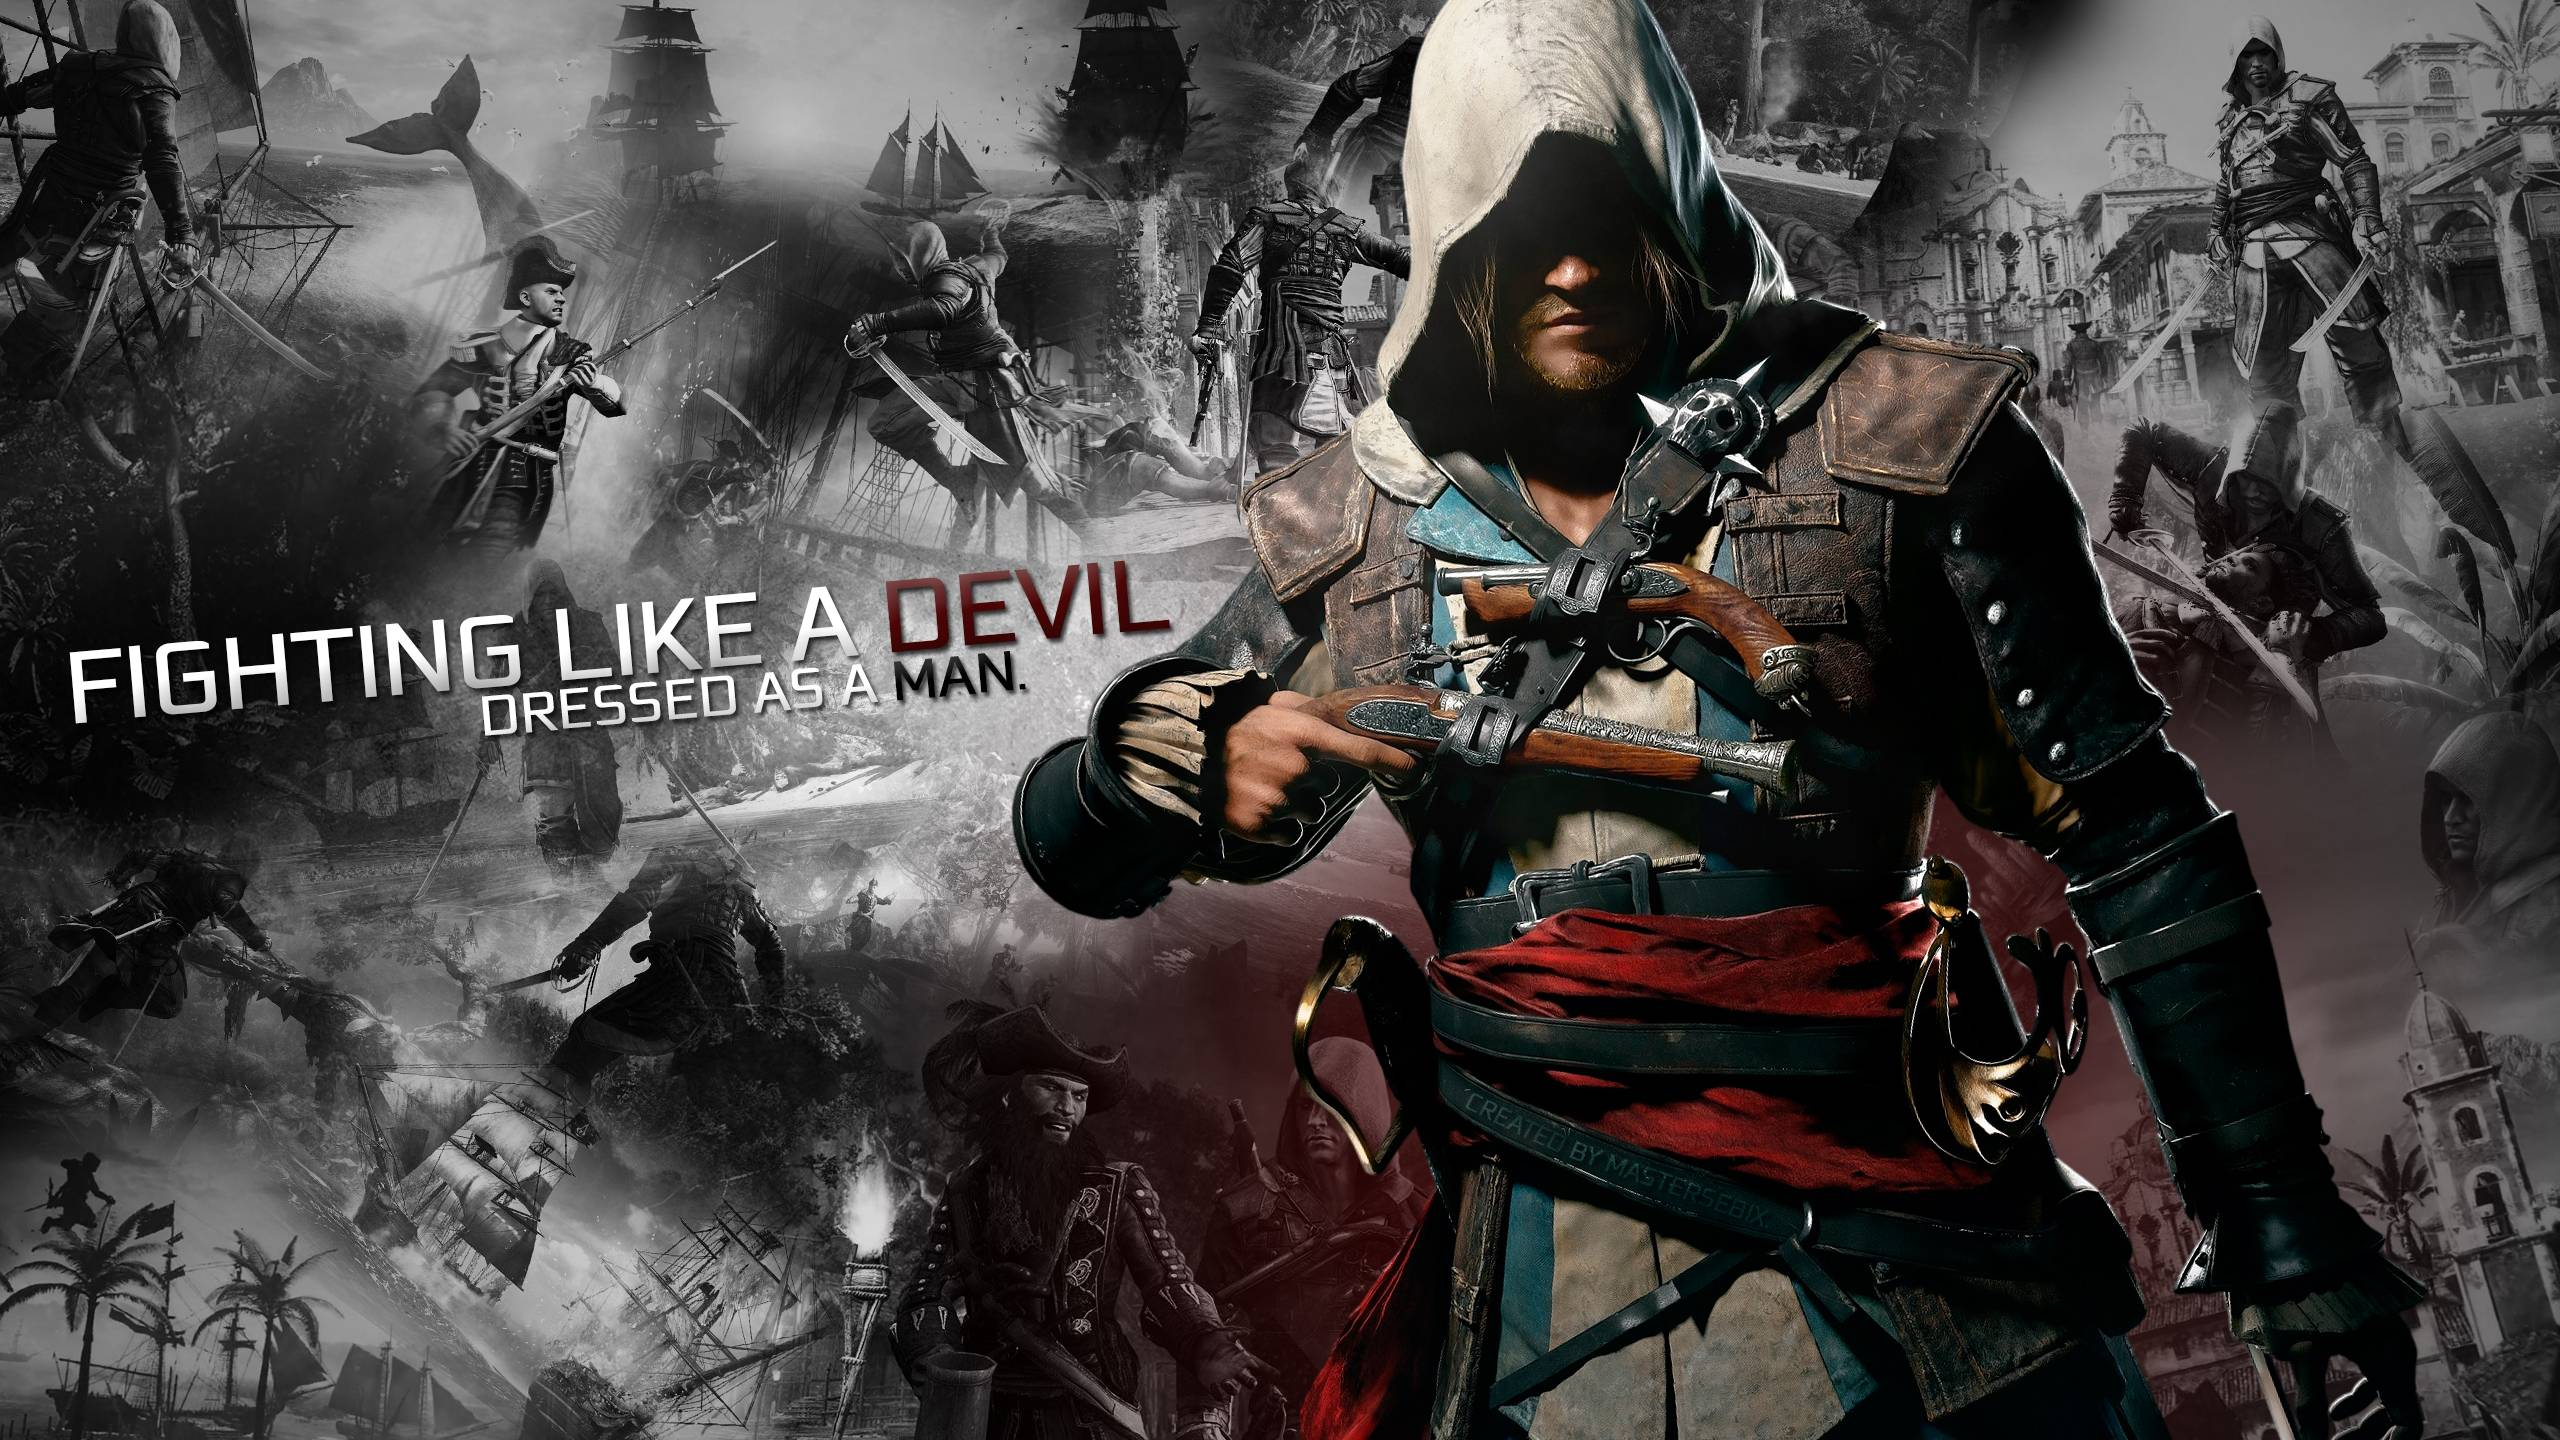 Assassins Creed Desktop Backgrounds Wallpaper 2560x1440